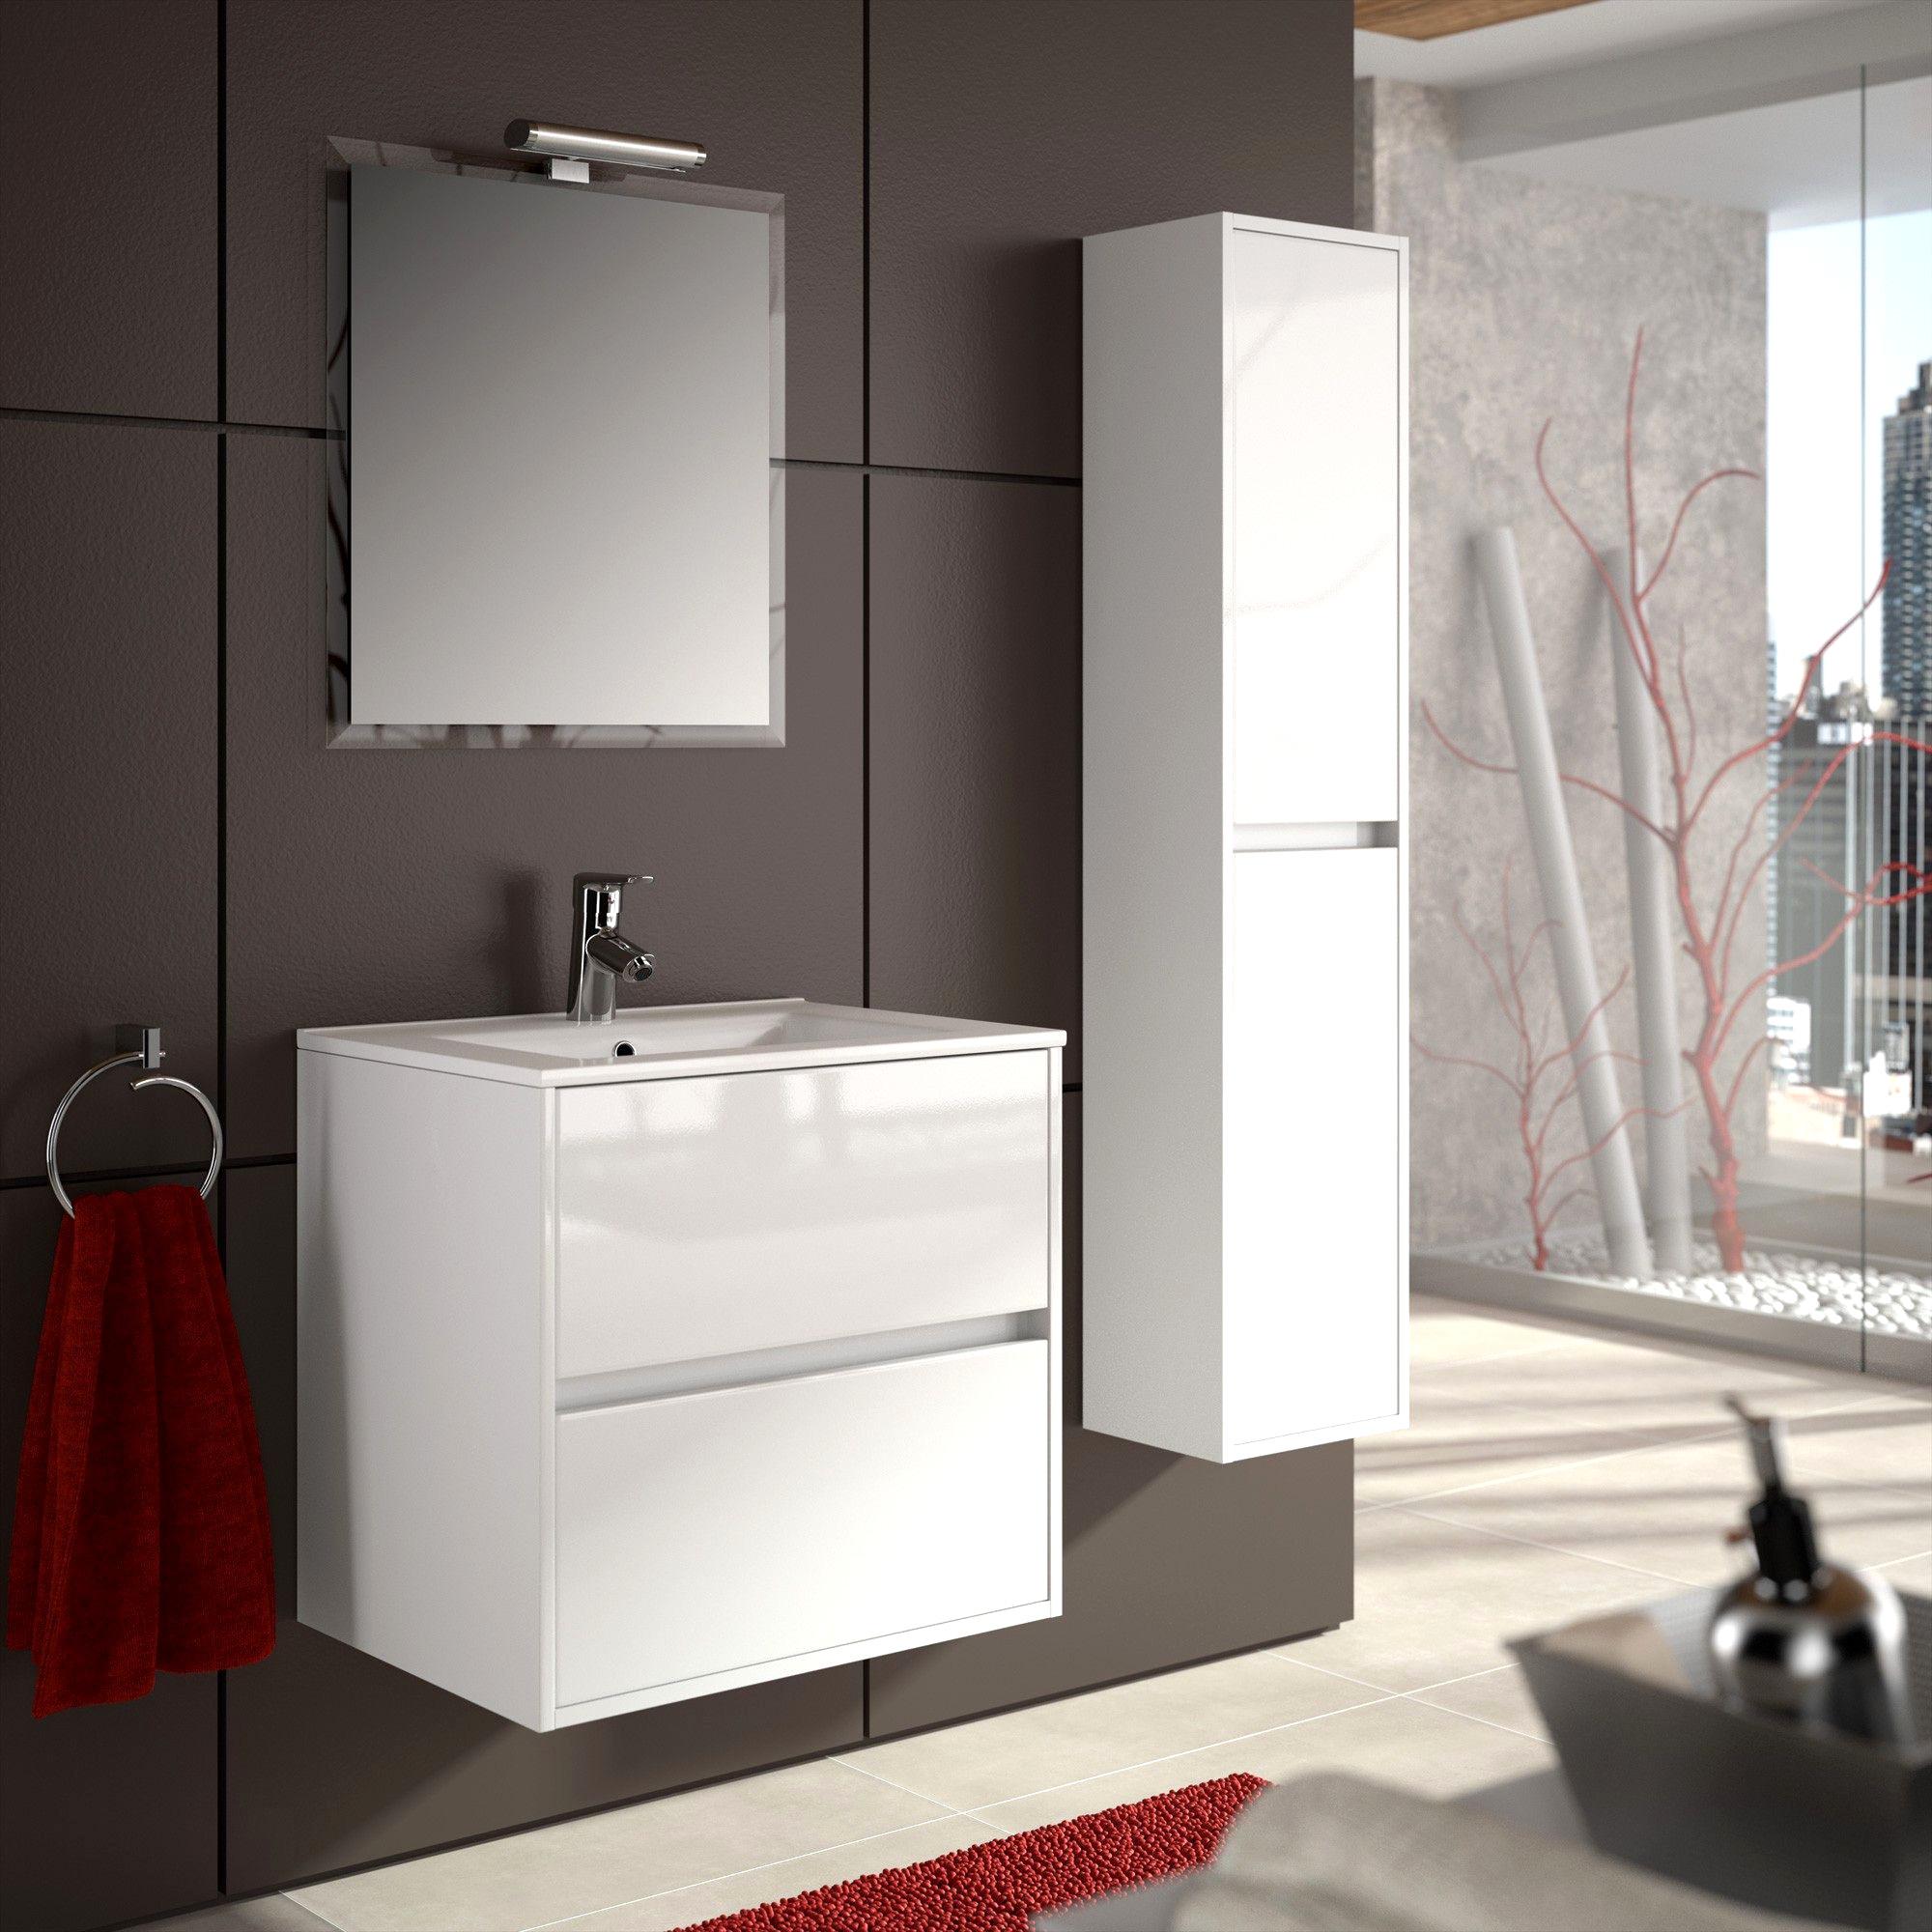 Meuble Salle De Bain Bricorama Unique Photos Search Results Meuble Ikea Sdb